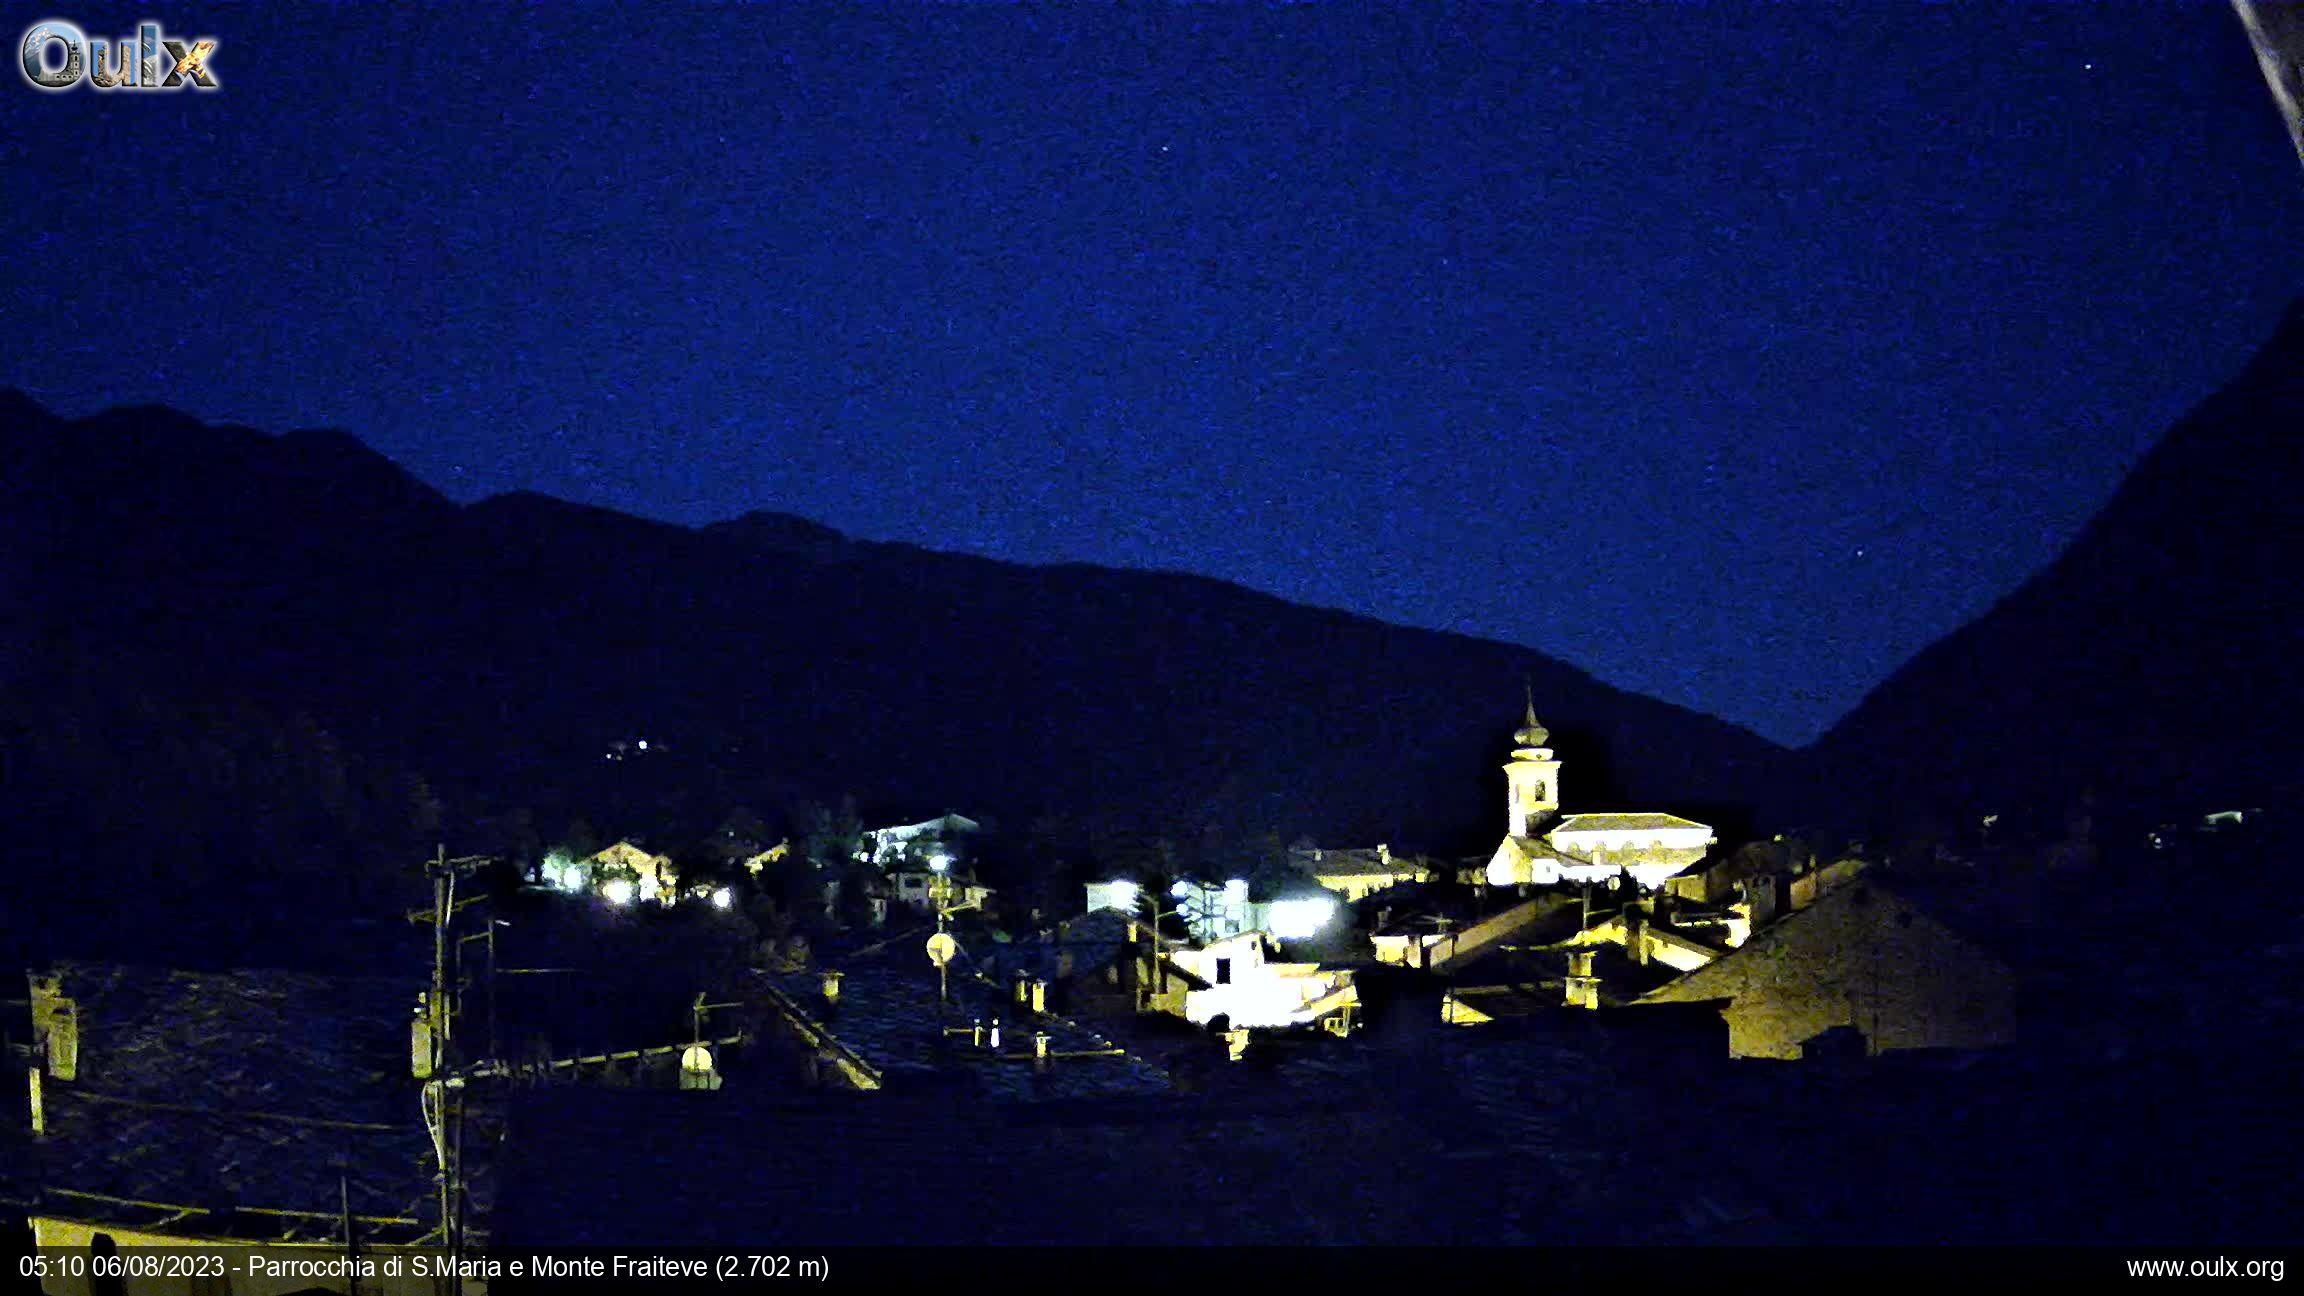 Webcam di Oulx.org